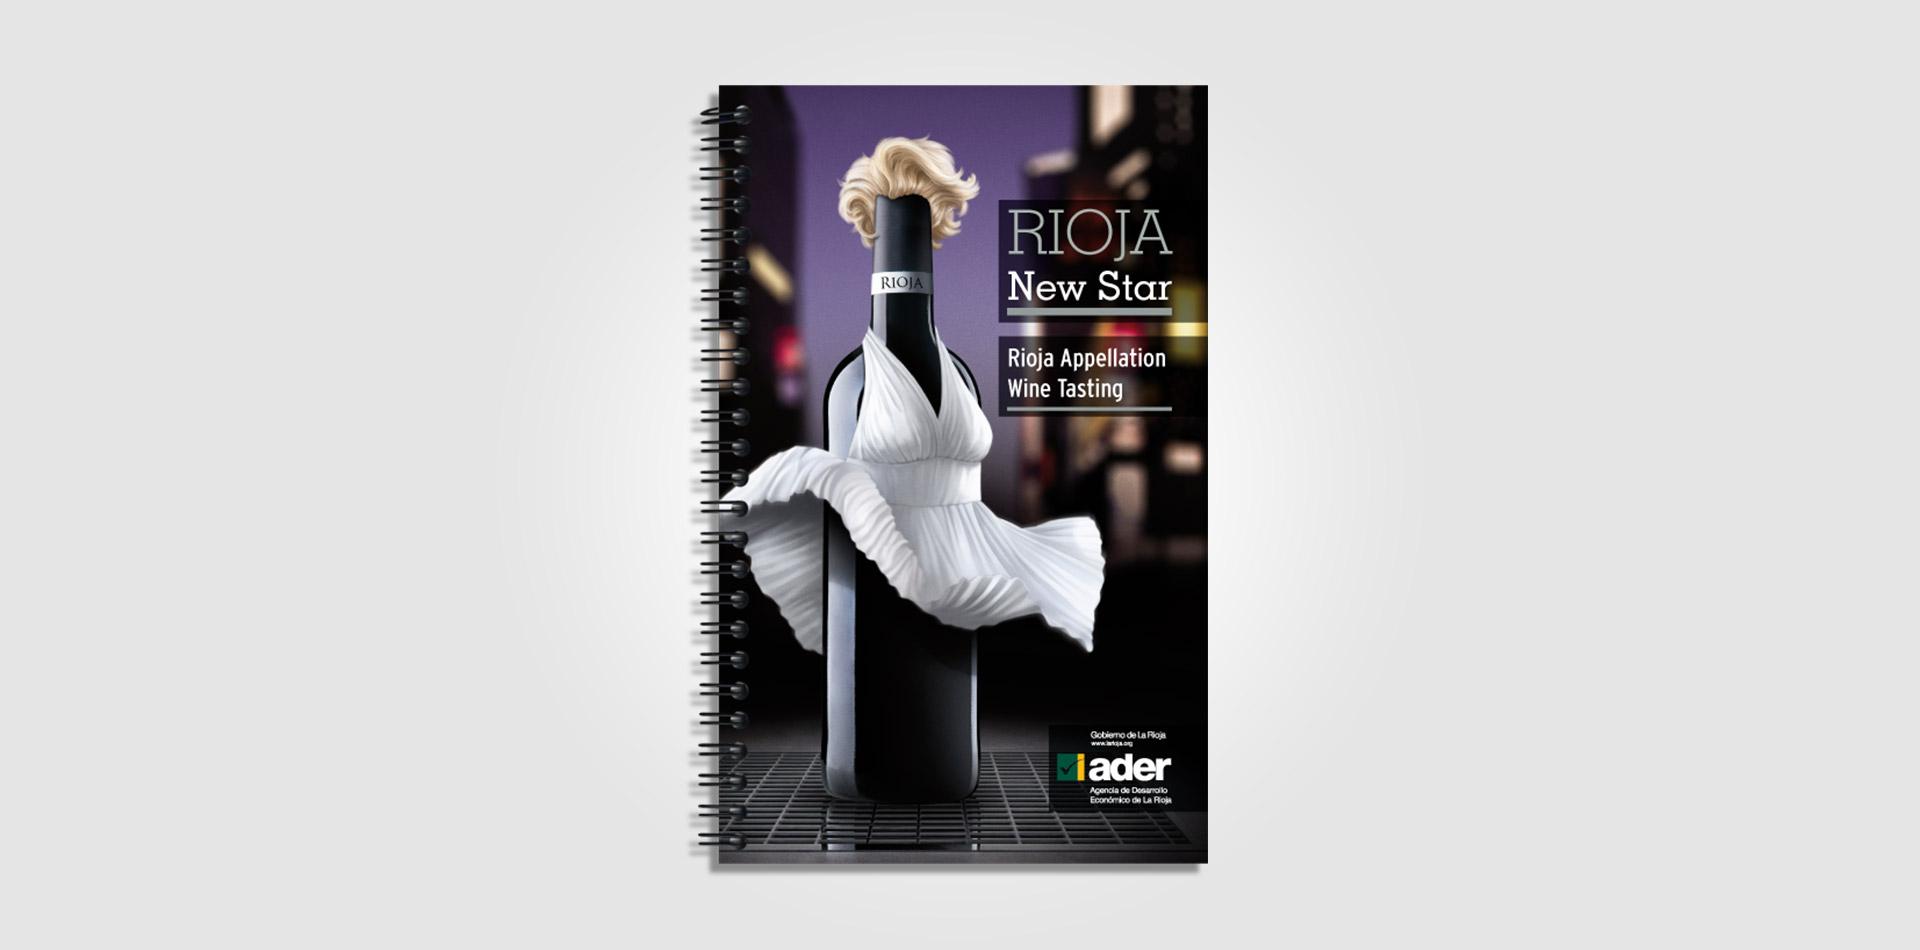 Diseño catálogo vino promocional para EE.UU